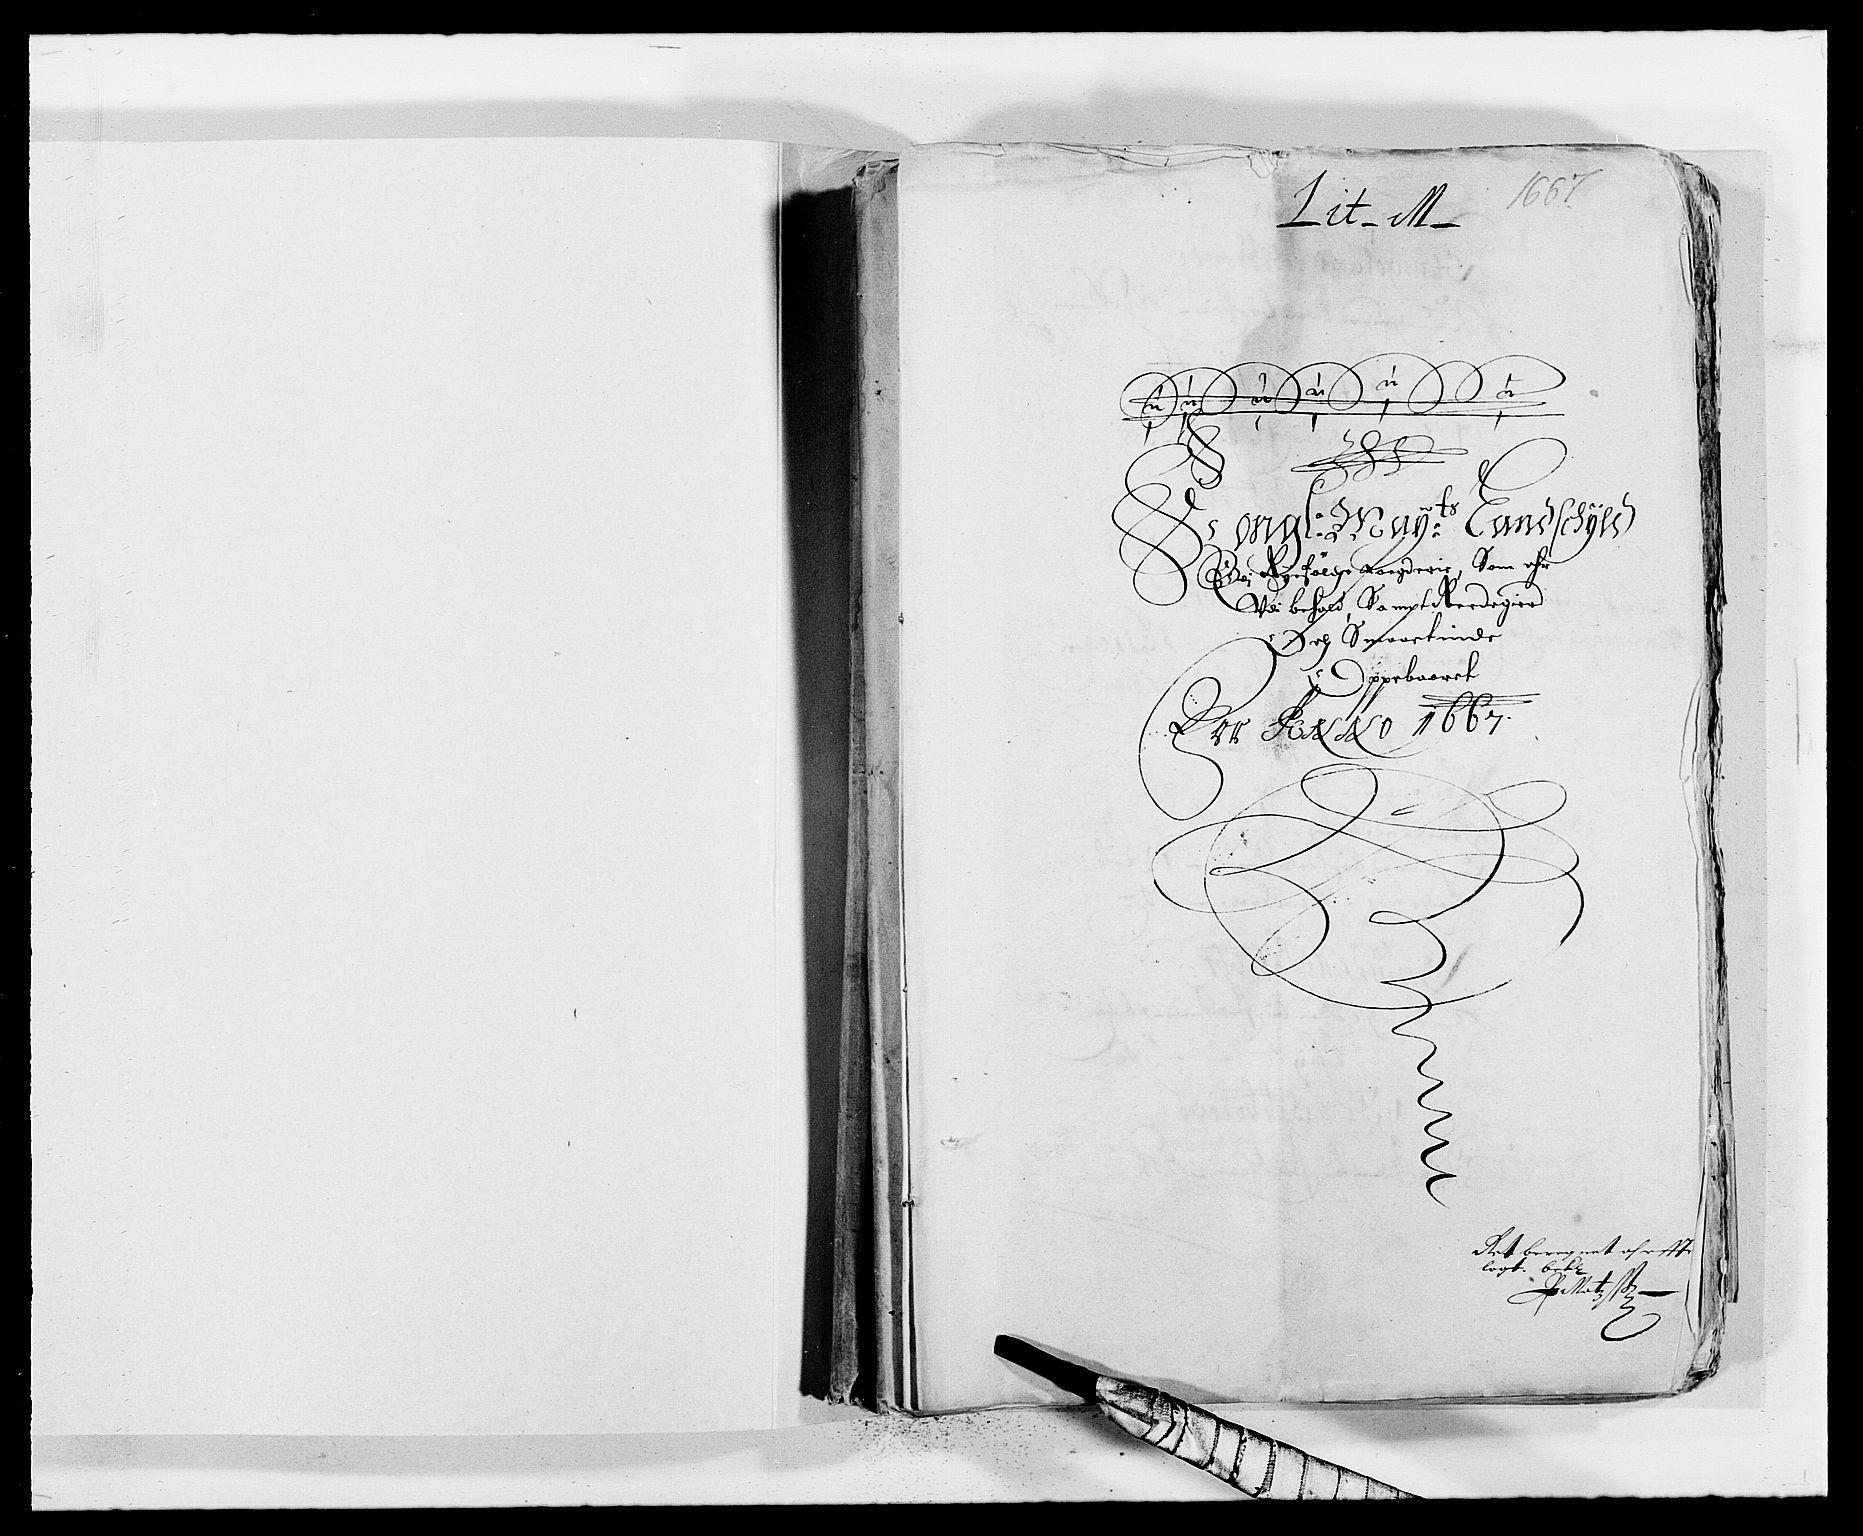 RA, Rentekammeret inntil 1814, Reviderte regnskaper, Fogderegnskap, R47/L2841: Fogderegnskap Ryfylke, 1665-1669, s. 2